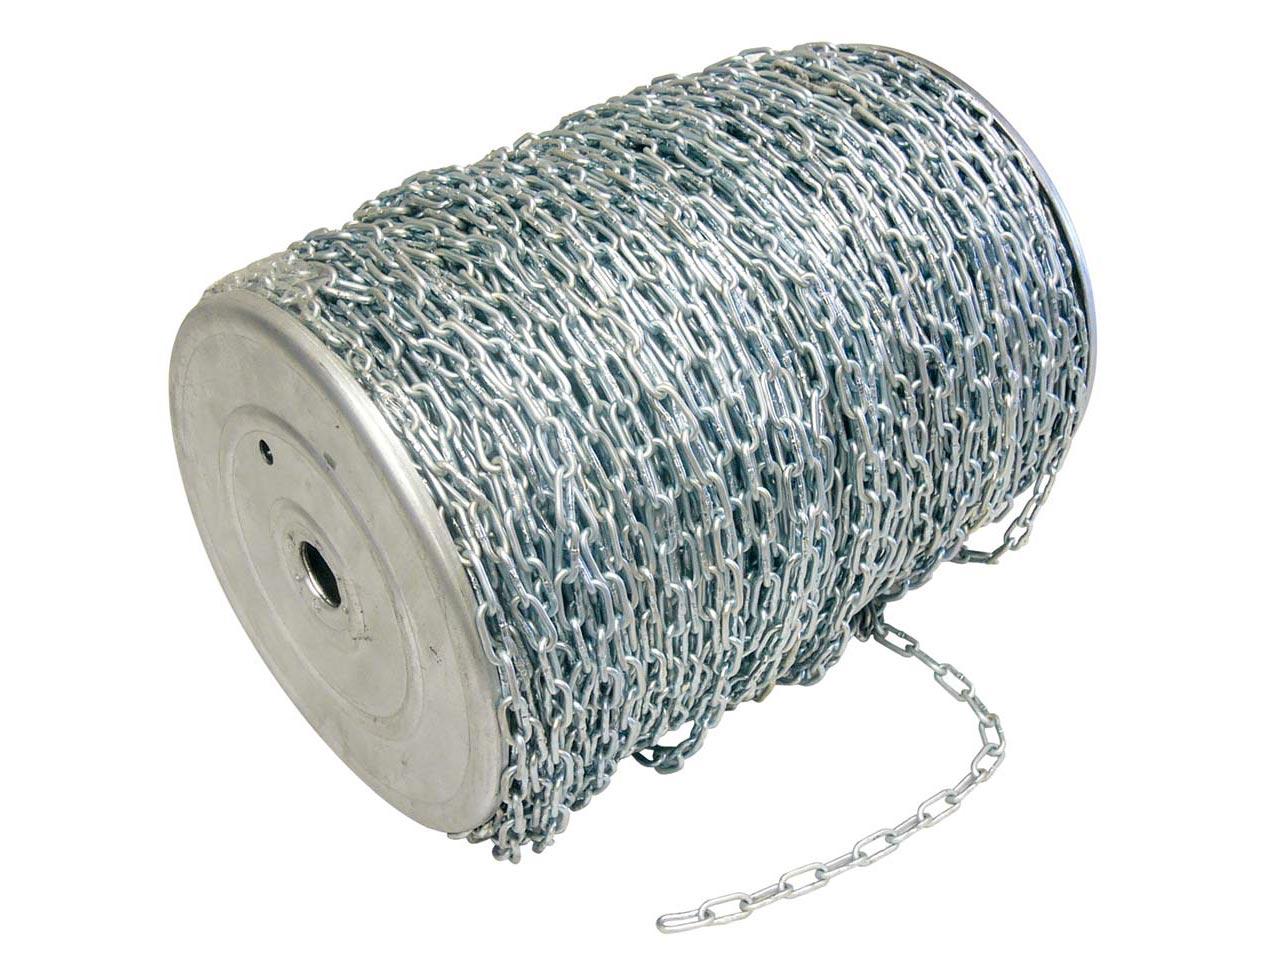 Cadenas zincadas para reforzar la seguridad